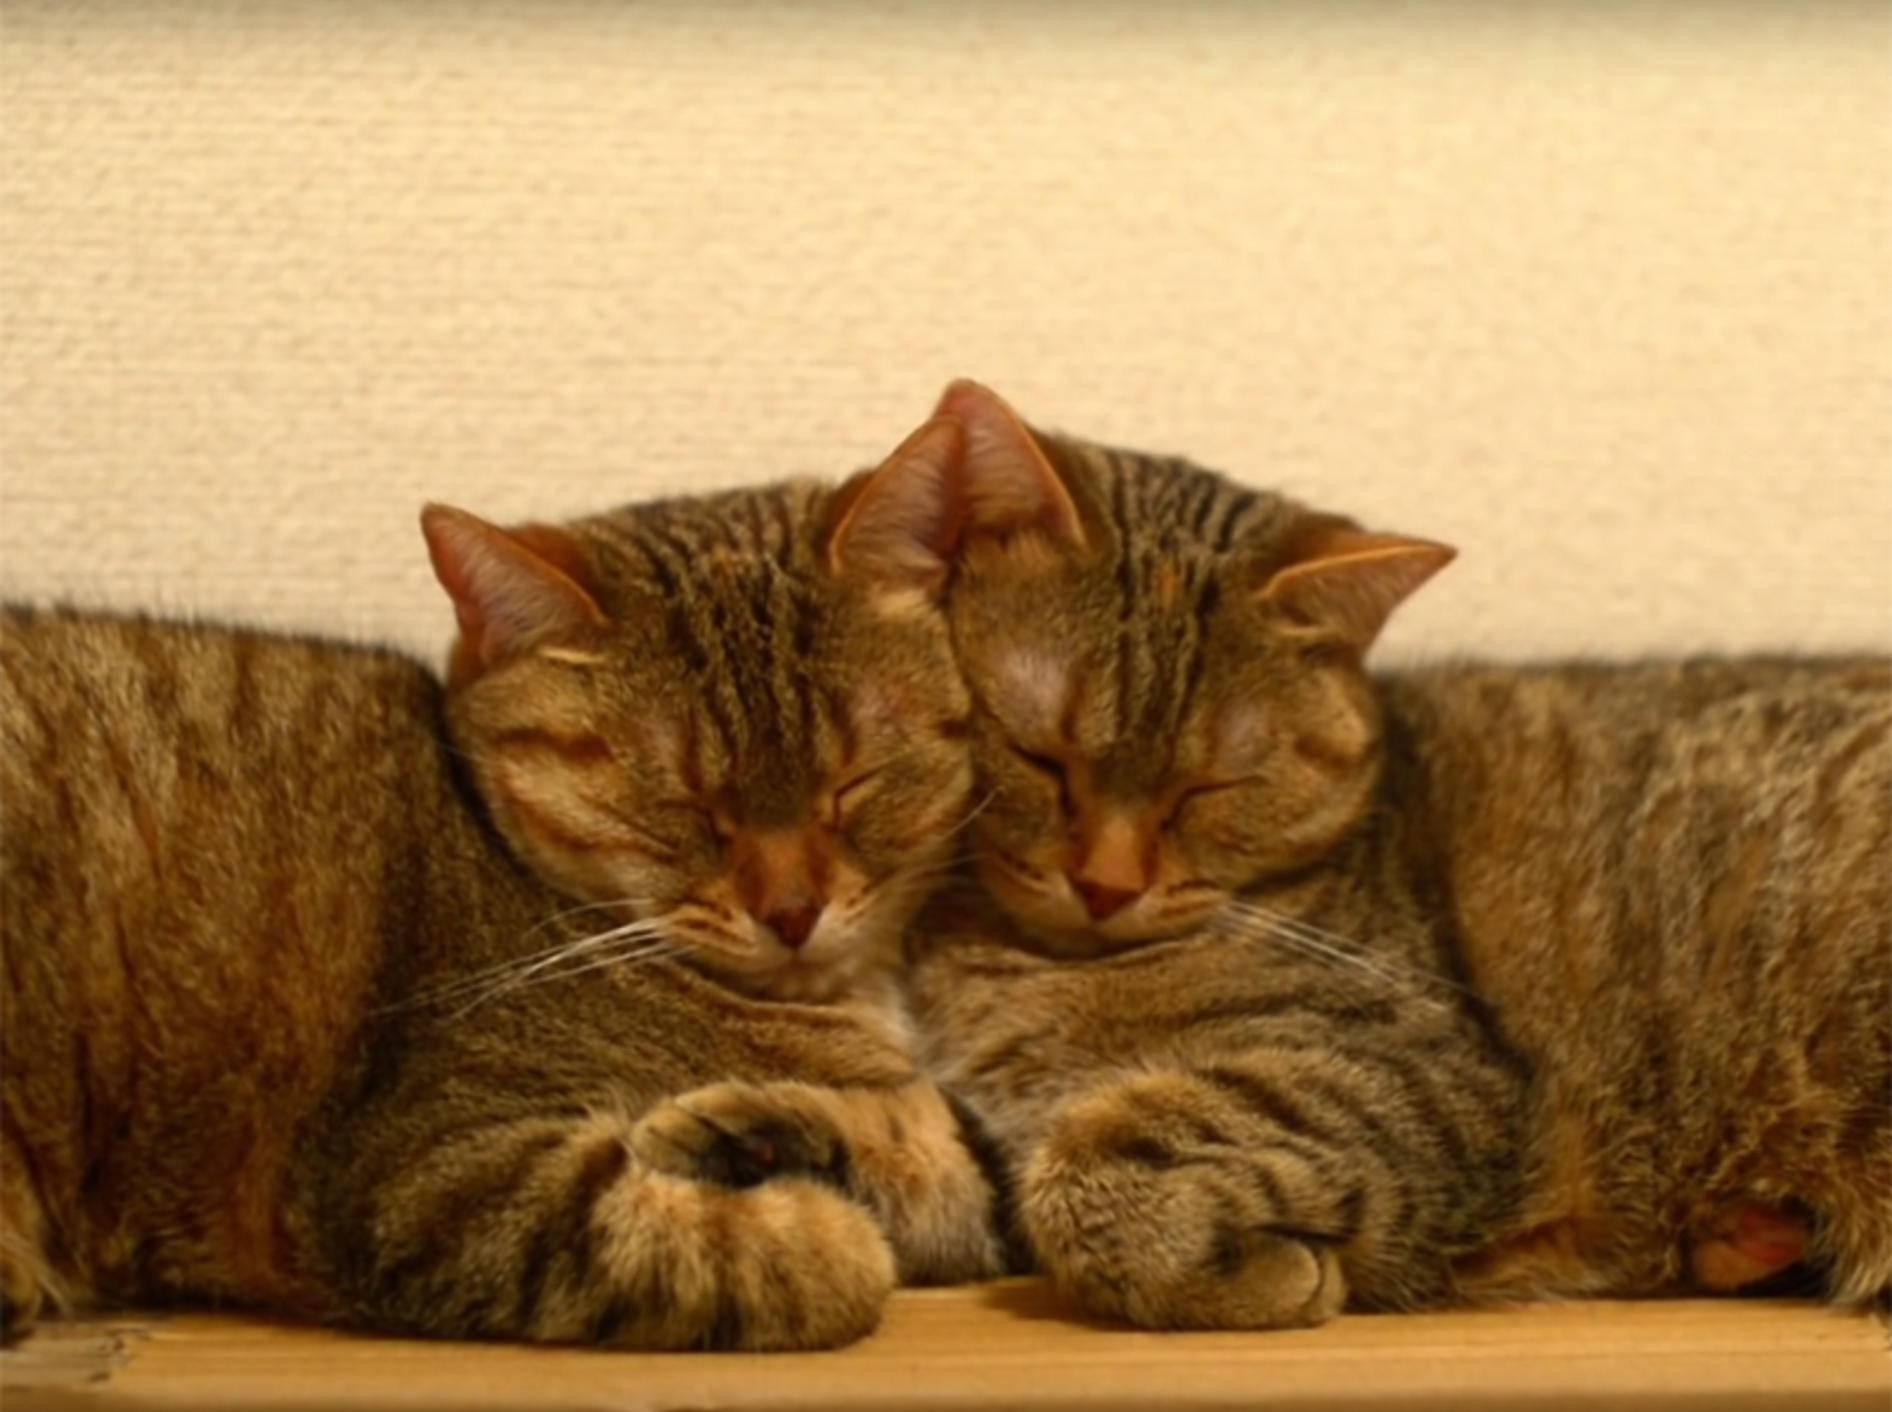 Michelle und May: Zwei Katzenzwillingsschwestern sind unzertrennlich – YouTube / 10 Cats.